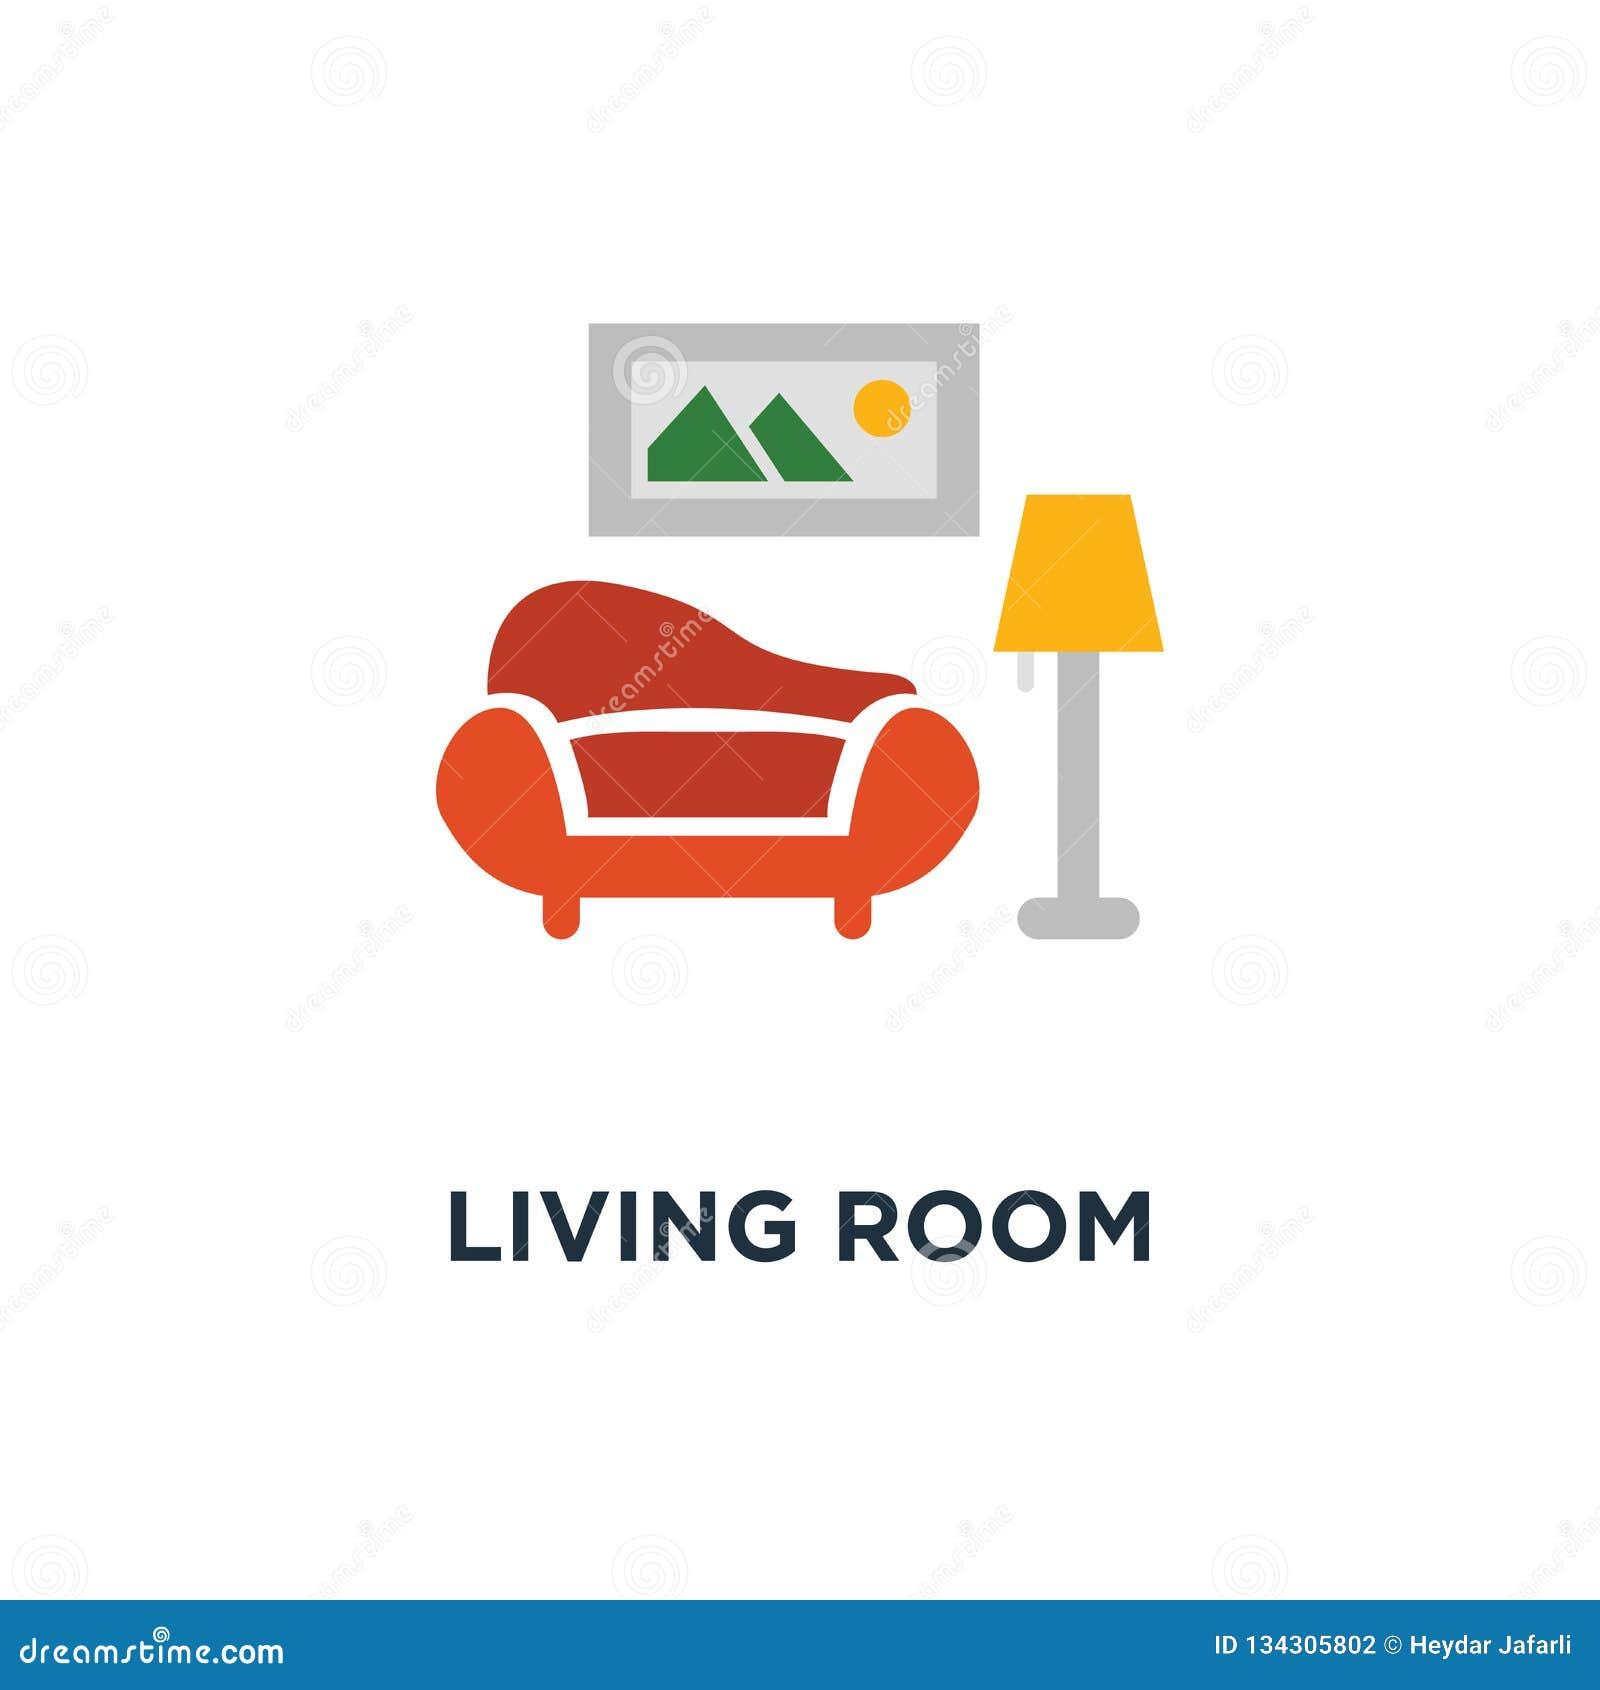 Icono del diseño interior de la sala de estar diseño del símbolo del concepto del sofá y de la lámpara de pie, imagen y pote de l